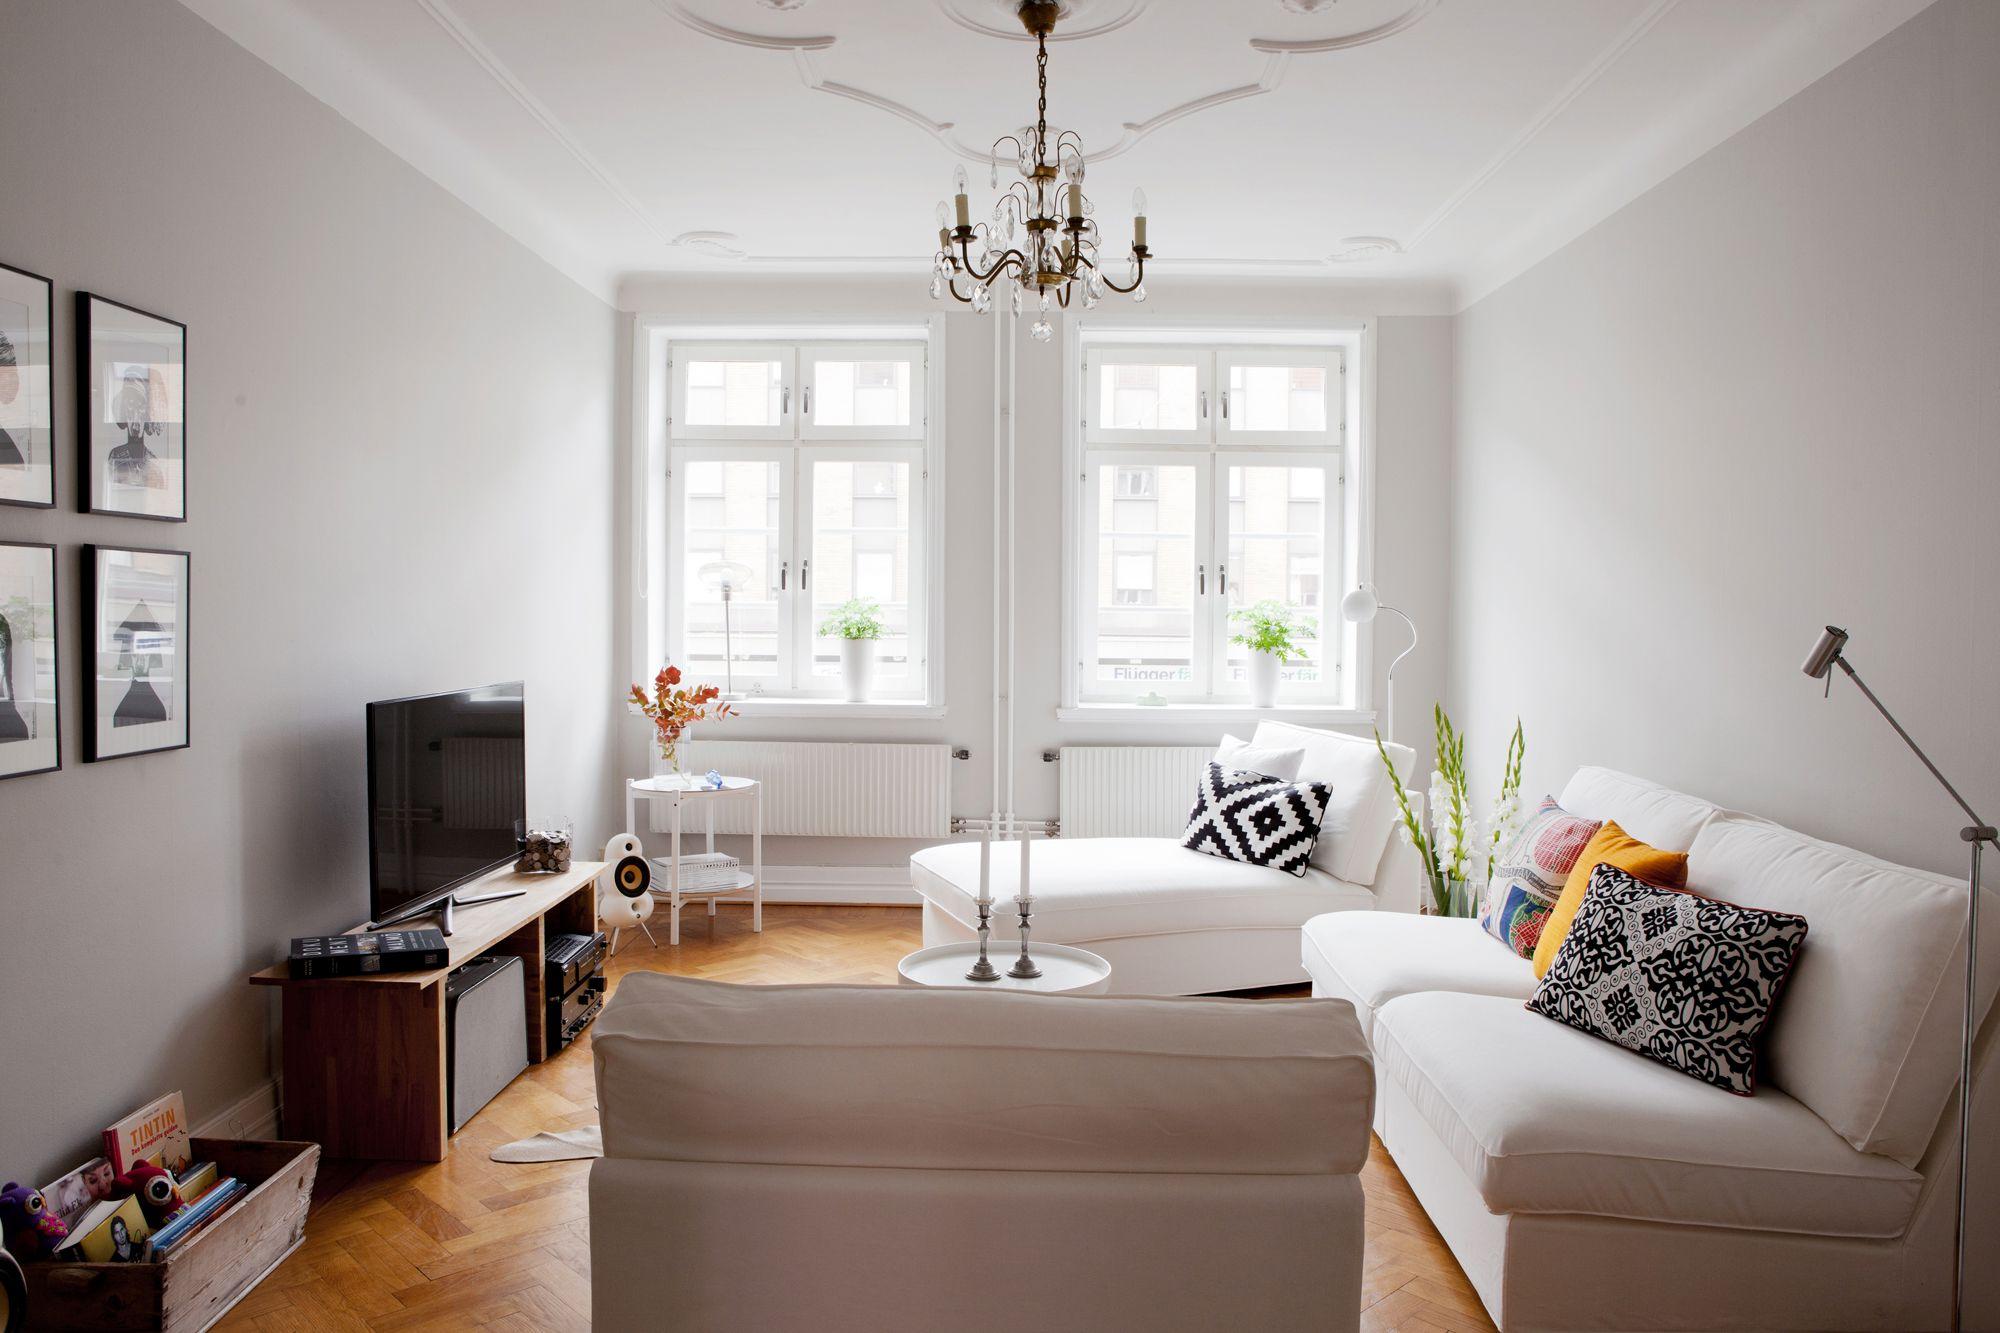 Paredes grises, muebles blancos, suelo de madera - Blog tienda ...